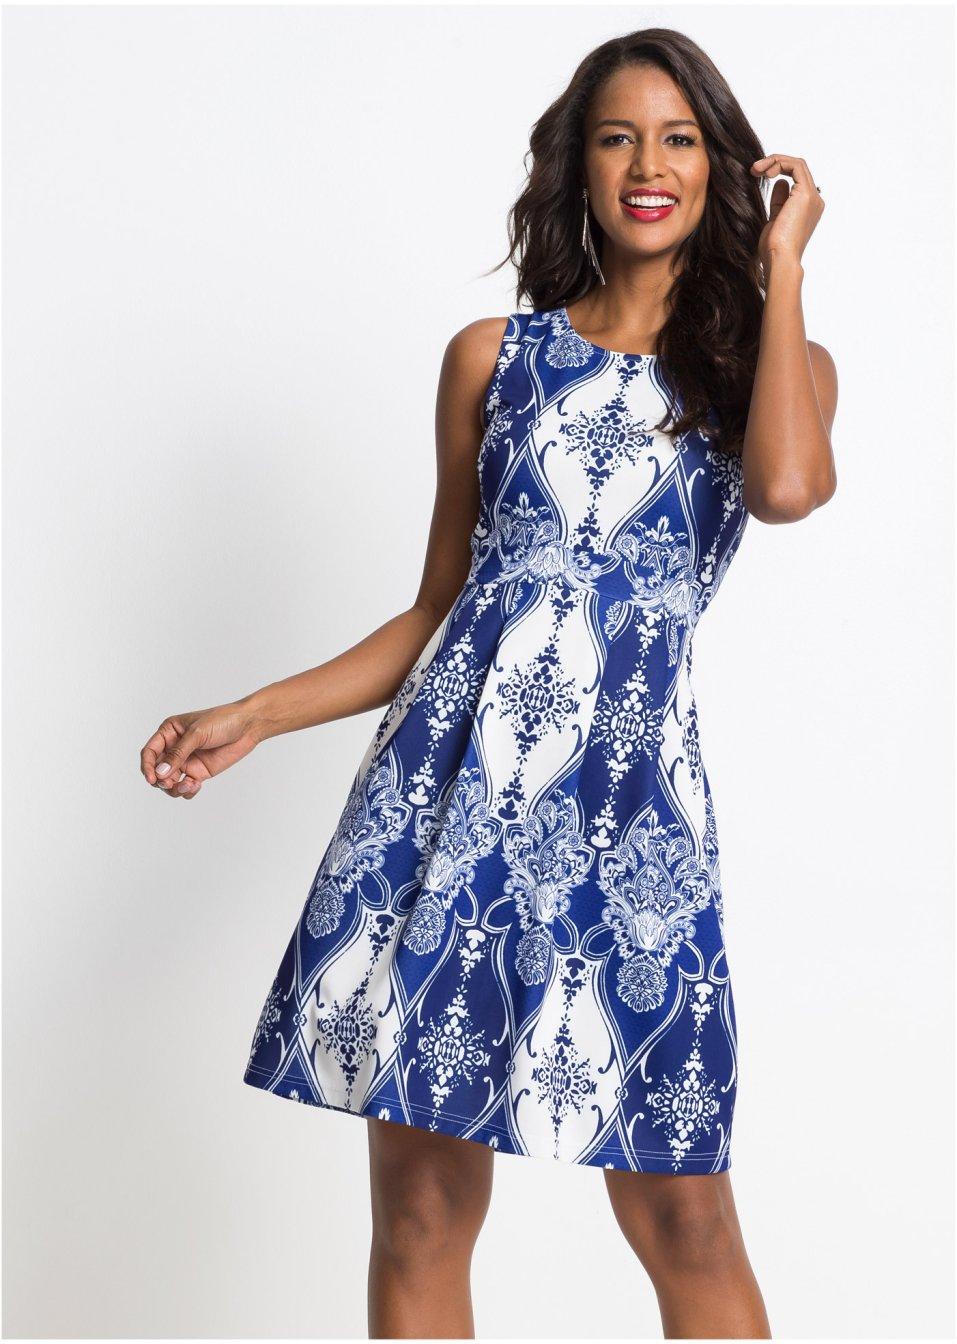 Schickes Kleid mit elegantem Allover-Muster - blau/weiß ...